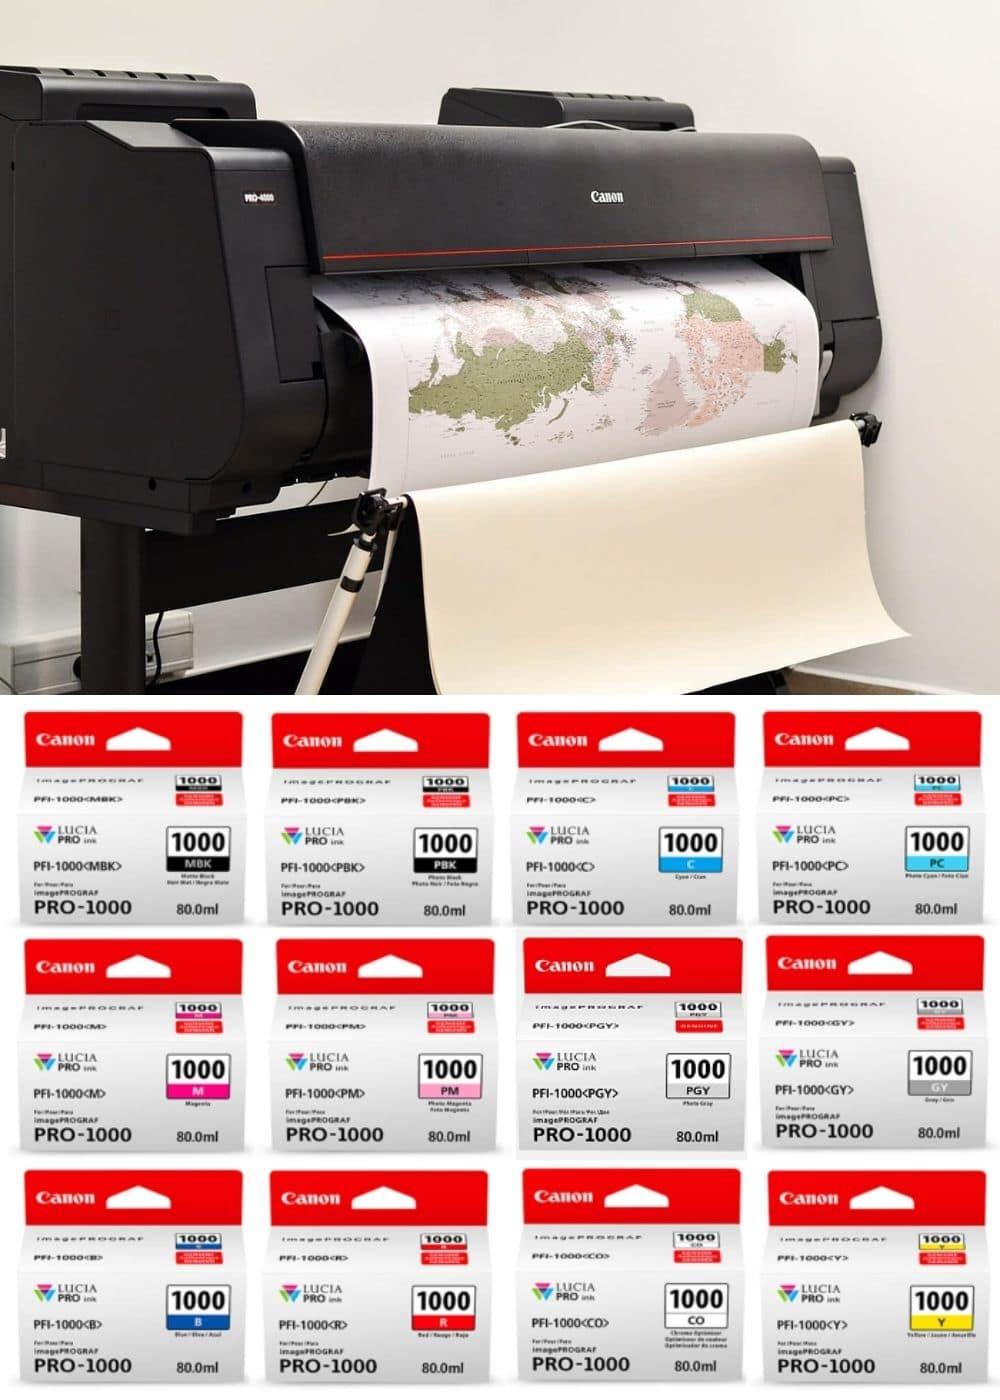 canon printer colors